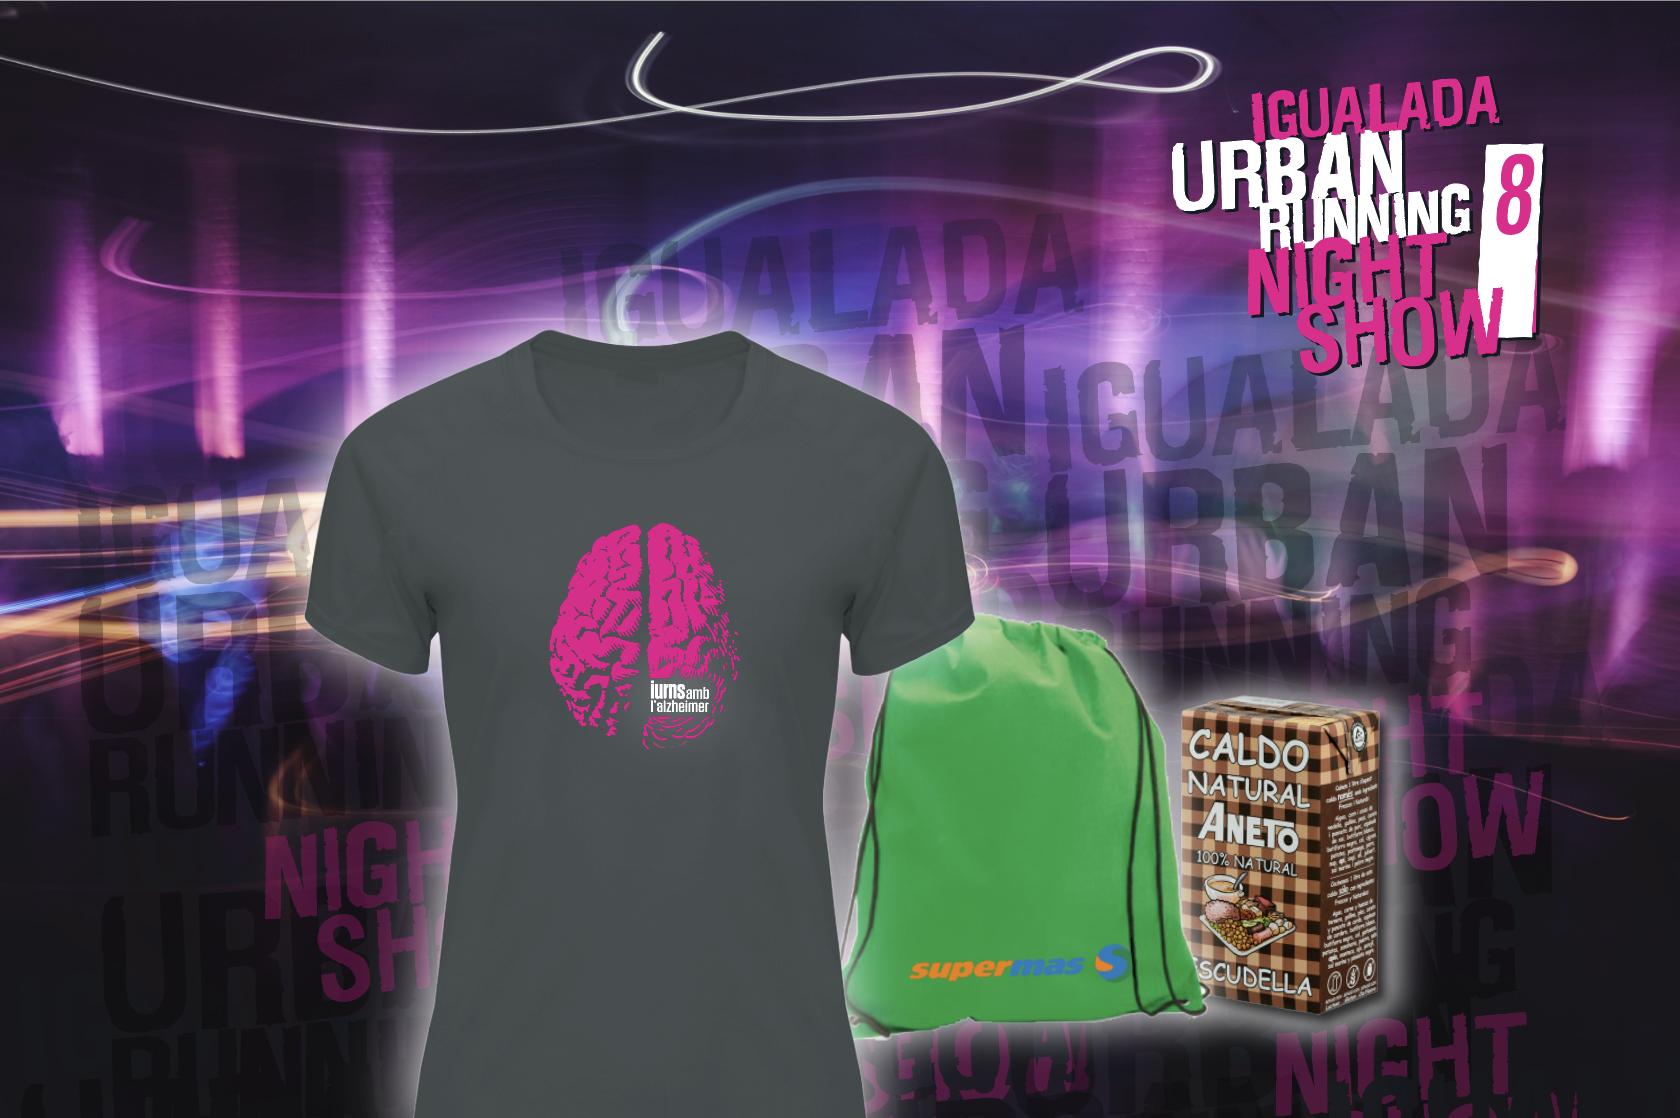 La 8ª edició de la Igualada Urban Running Night Show arriba el 21 de setembre amb més novetats que mai